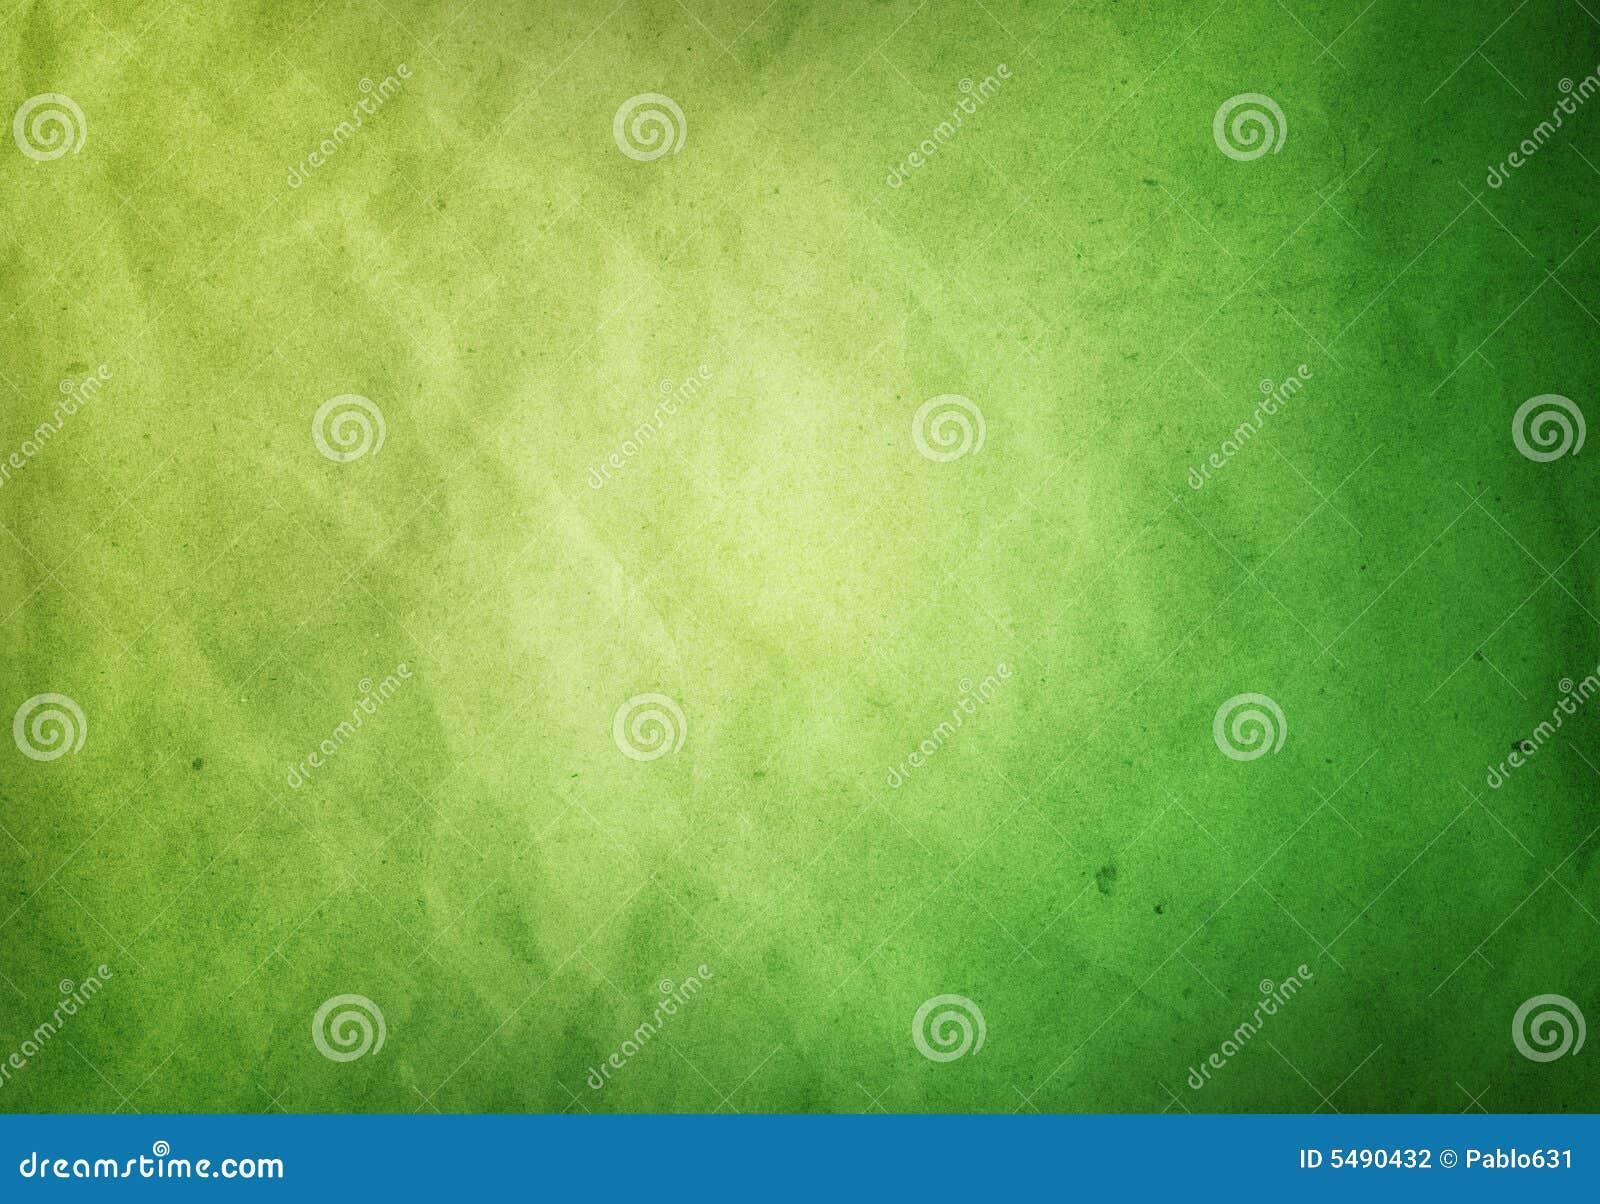 Grunge tła w zielonej księdze textured